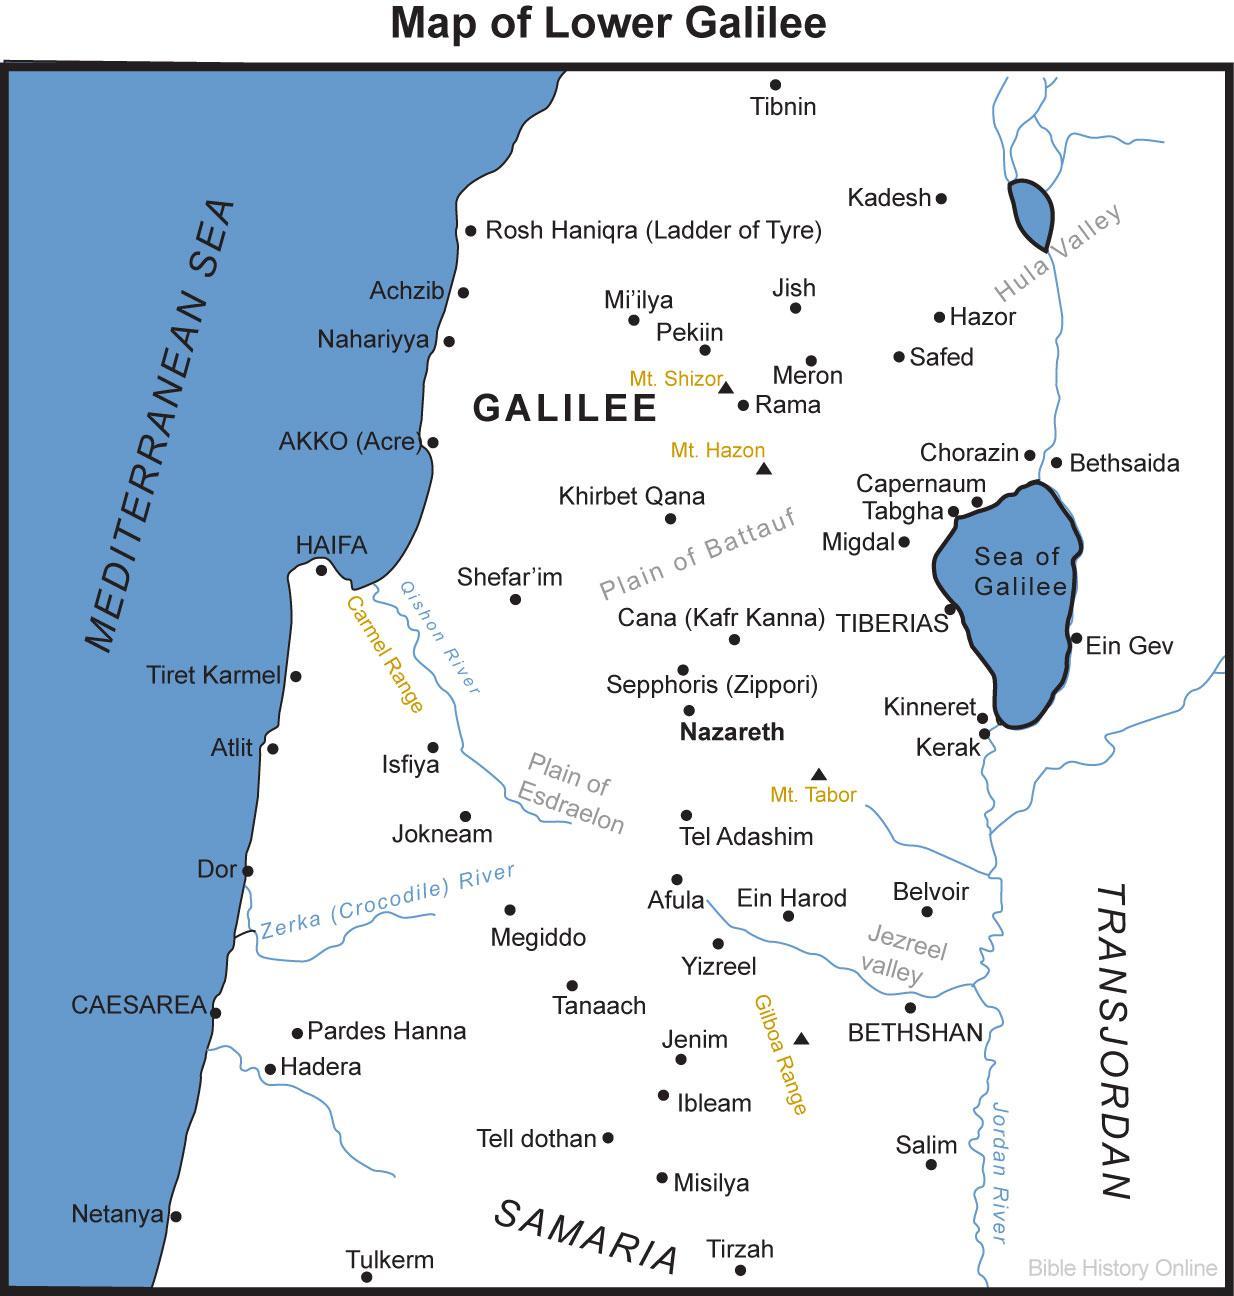 Jerusalem nach Galiläa map - Karte von Galiläa und Jerusalem (Israel)